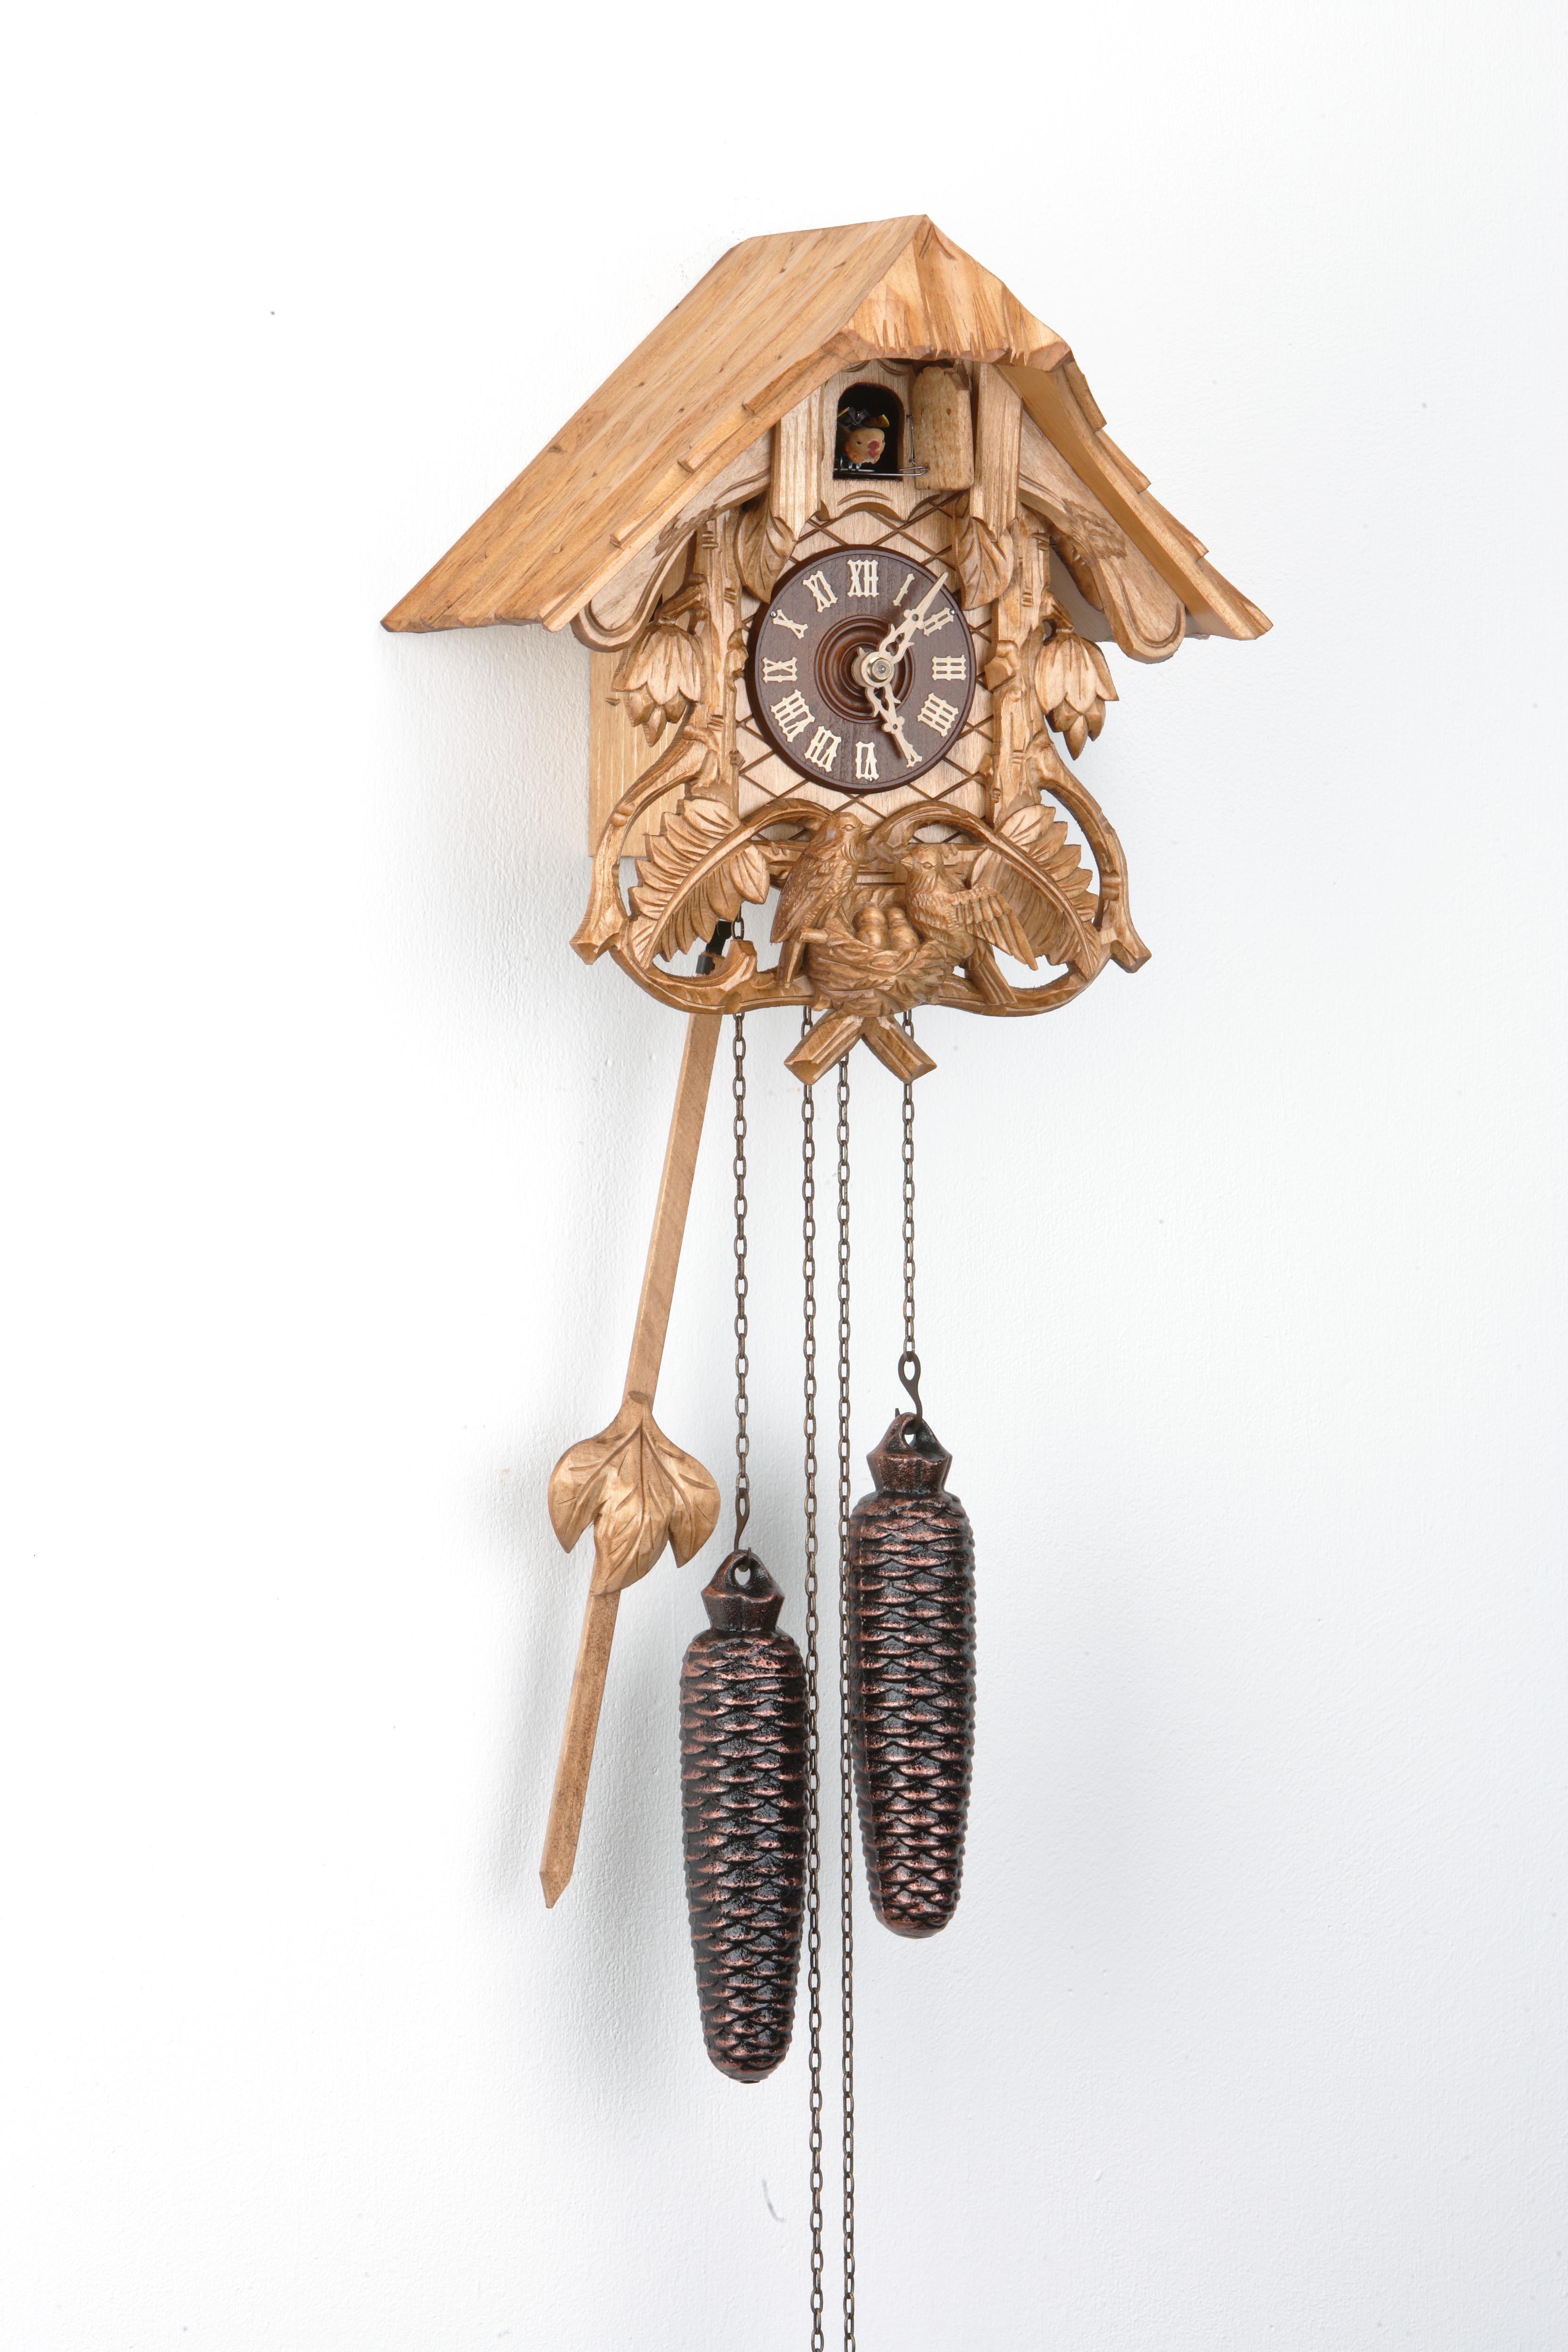 8 Tage Kuckucksuhr Schwarzwaldhaus mit Farnlaub und Vogelfamilie